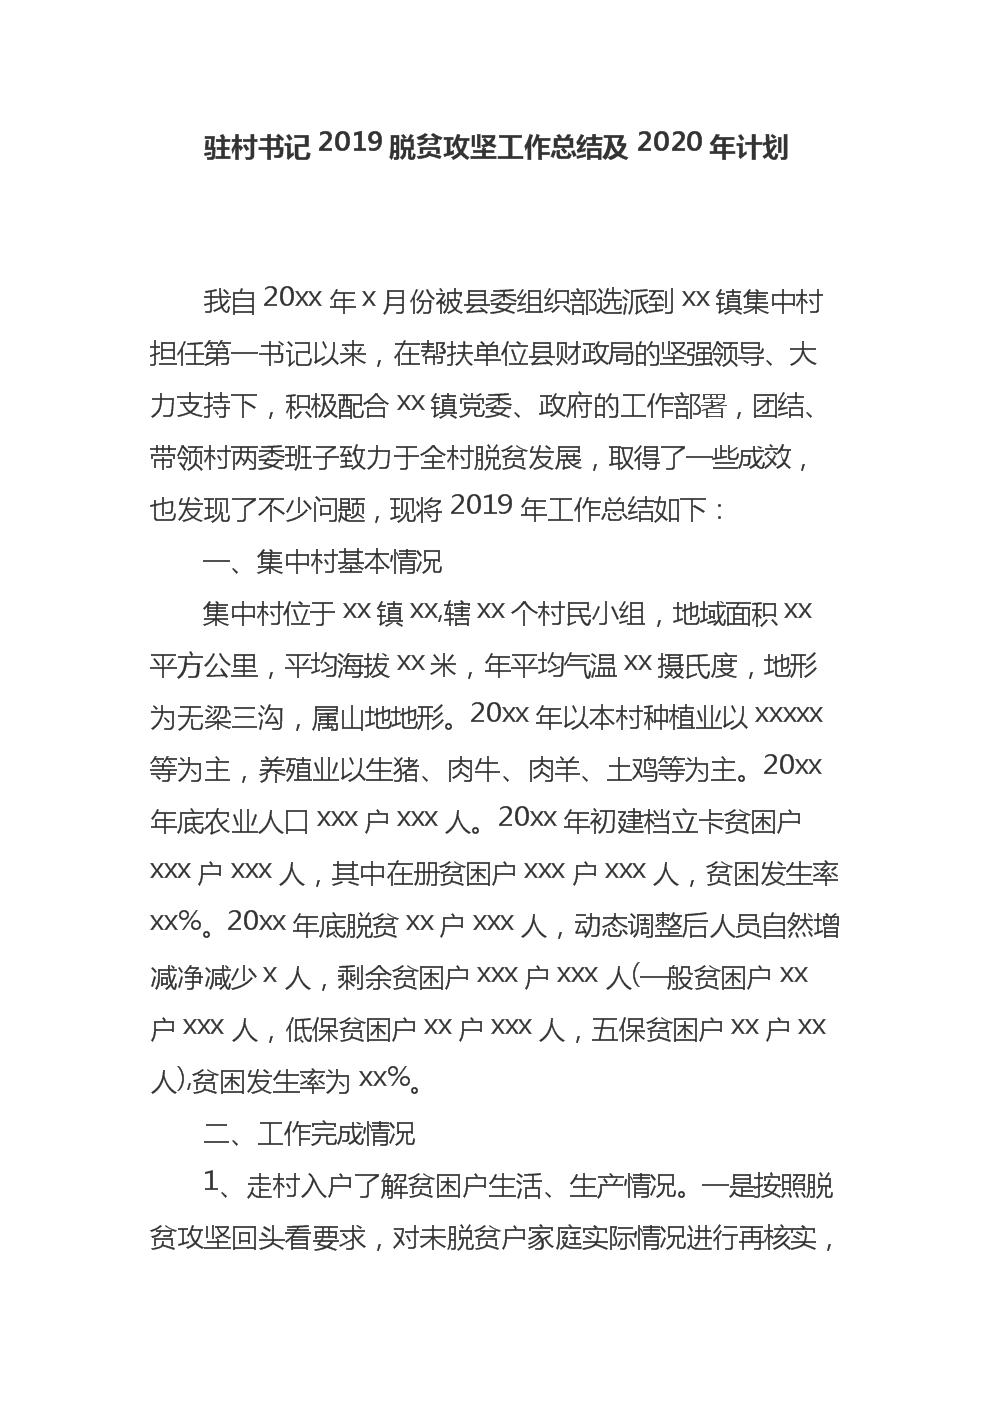 驻村书记2019脱贫攻坚工作总结及2020年计划.docx